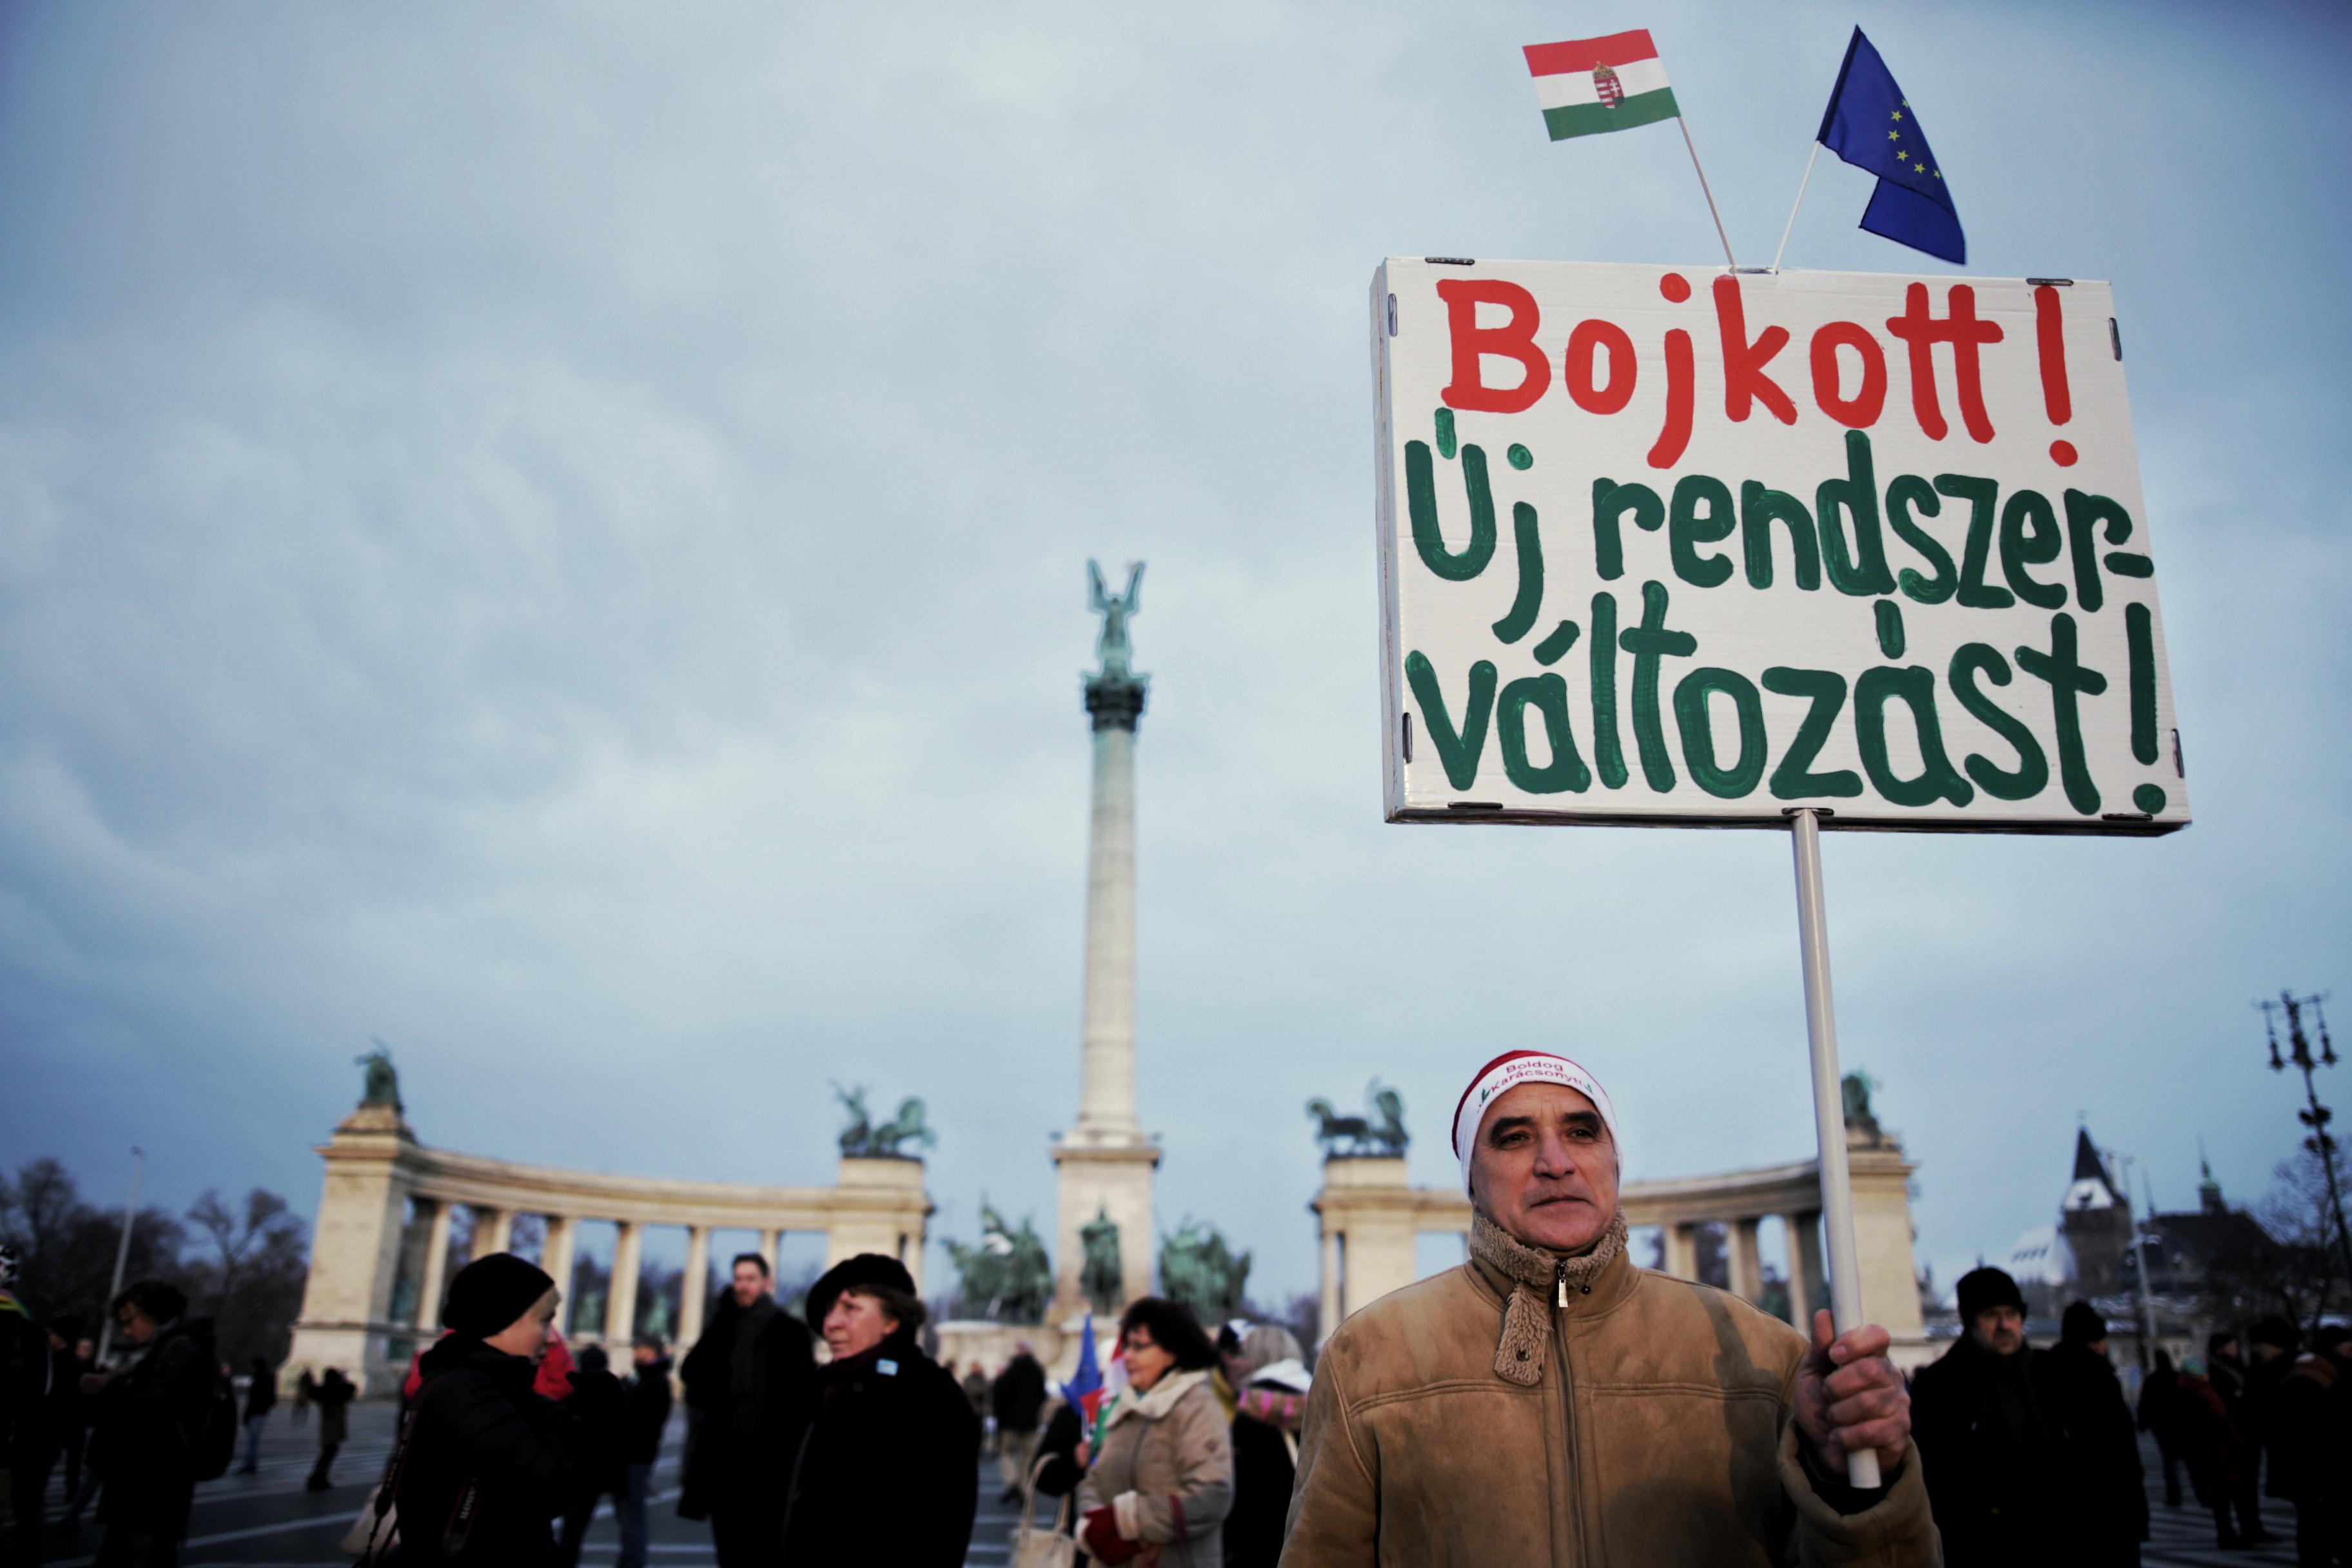 Sok ezer ember tüntetett az Alkotmány utcában a kormány ellen